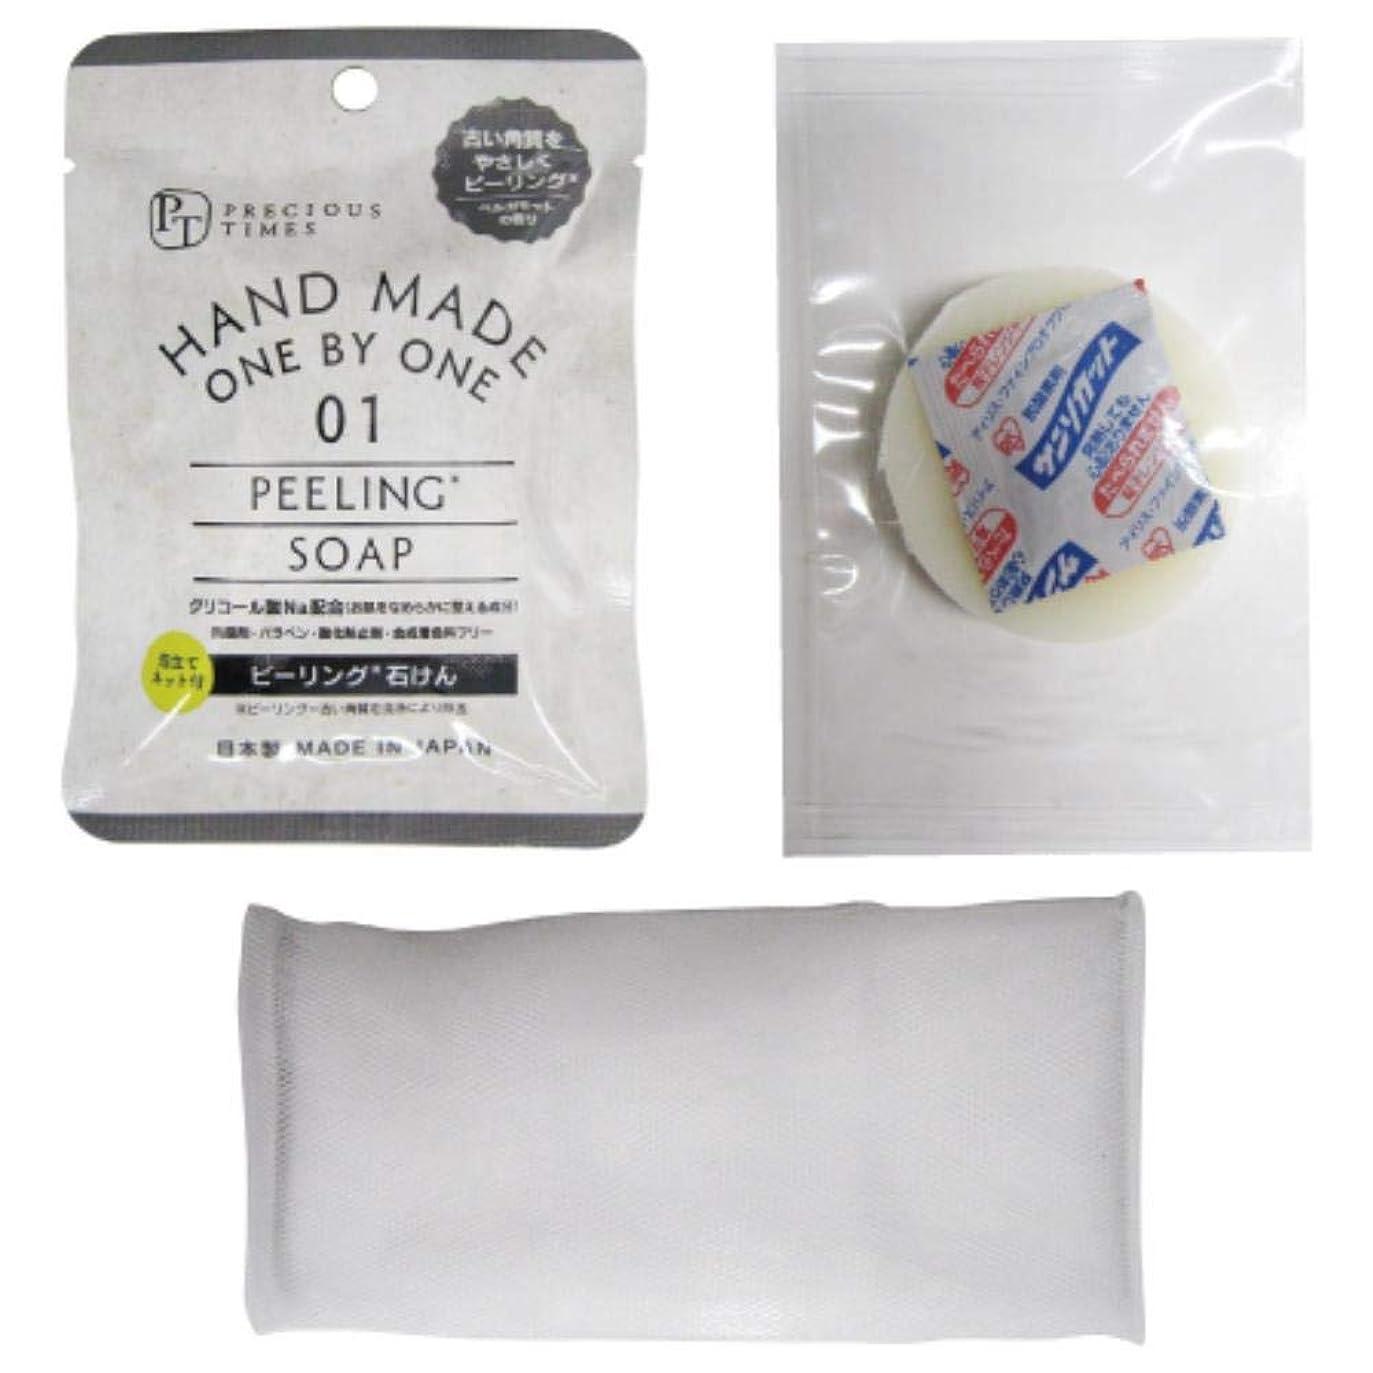 レーダー強い確かなピーリング石鹸 12g ベルガモット 香り 泡立てネット付 PEELING SOAP 日本製 HAND MADE 角質除去 防腐剤等無添加 わくねり化粧石けん